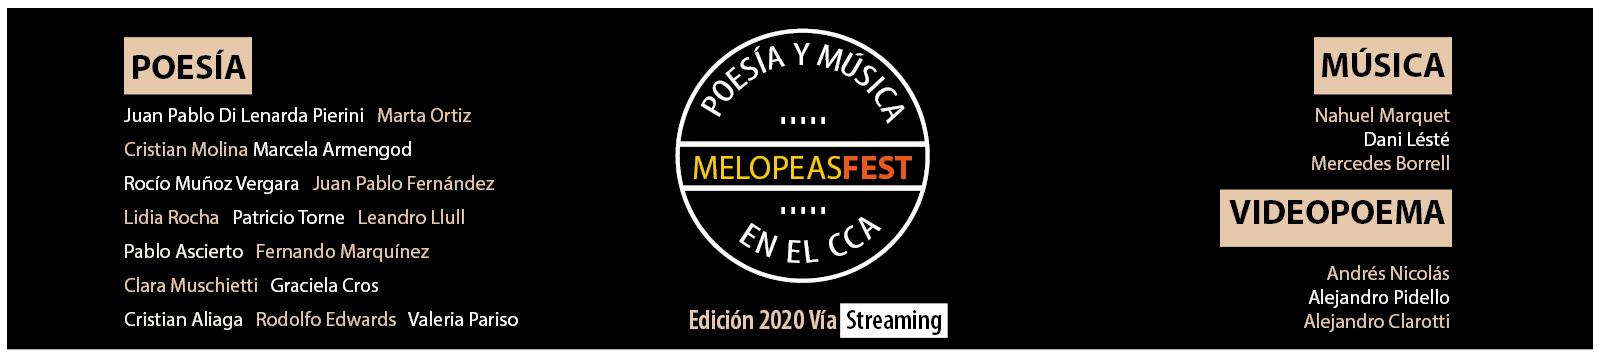 Melopeas Fest